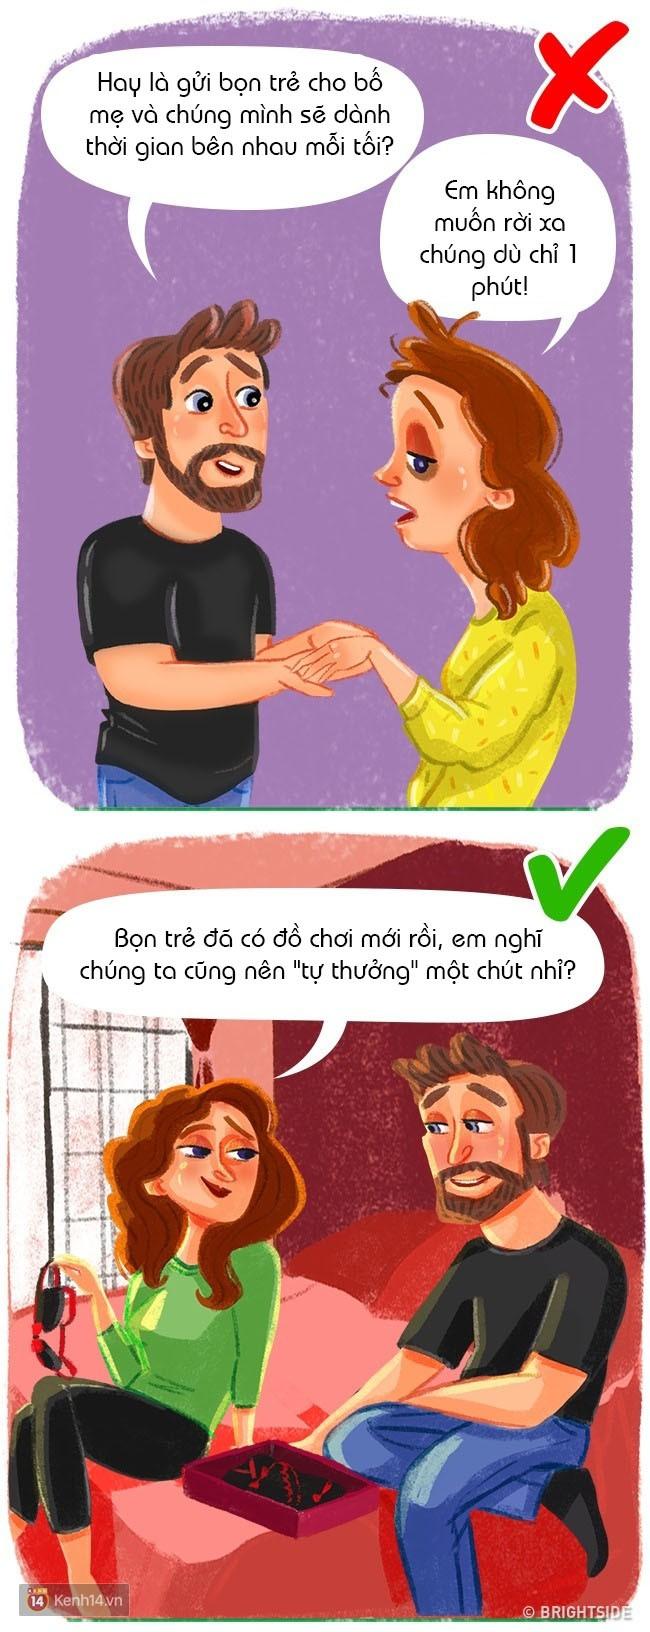 10 điều mà các cặp vợ chồng nên làm để tránh dẫn đến sự đổ vỡ đáng tiếc trong hôn nhân - Ảnh 7.